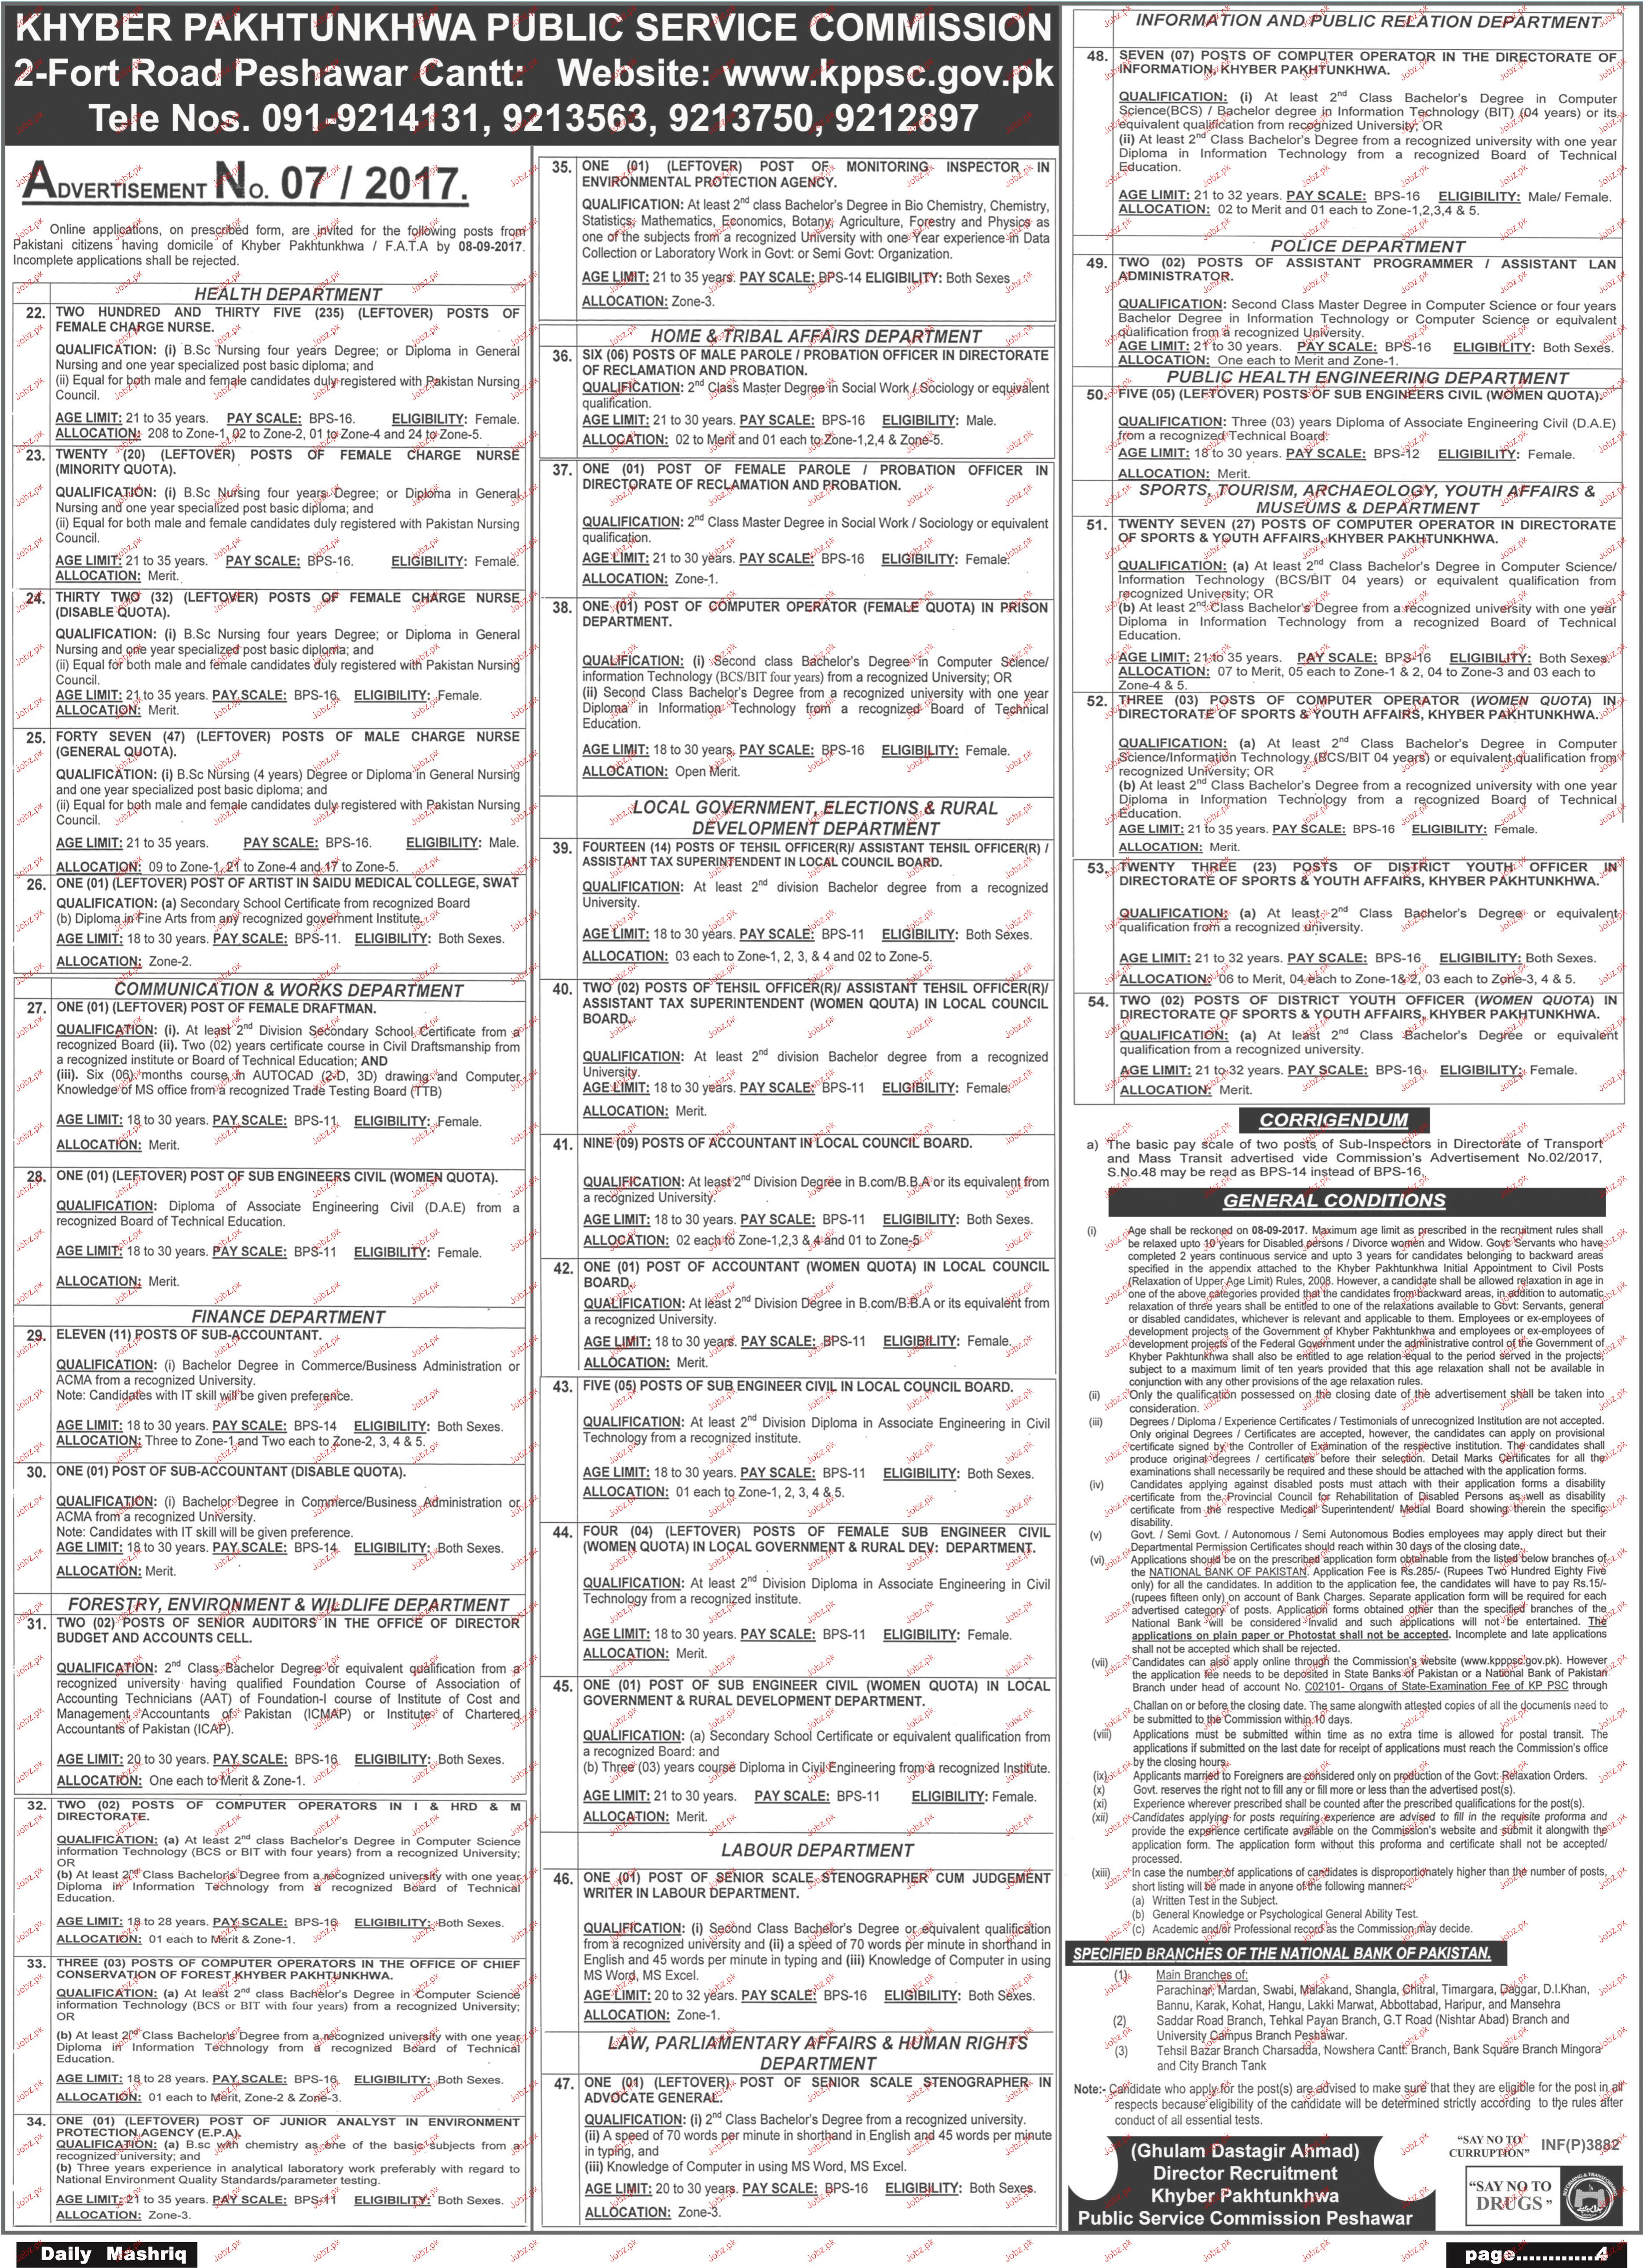 Khyber Pkahtunkhawa Public Service Commission KPPSC Jobs